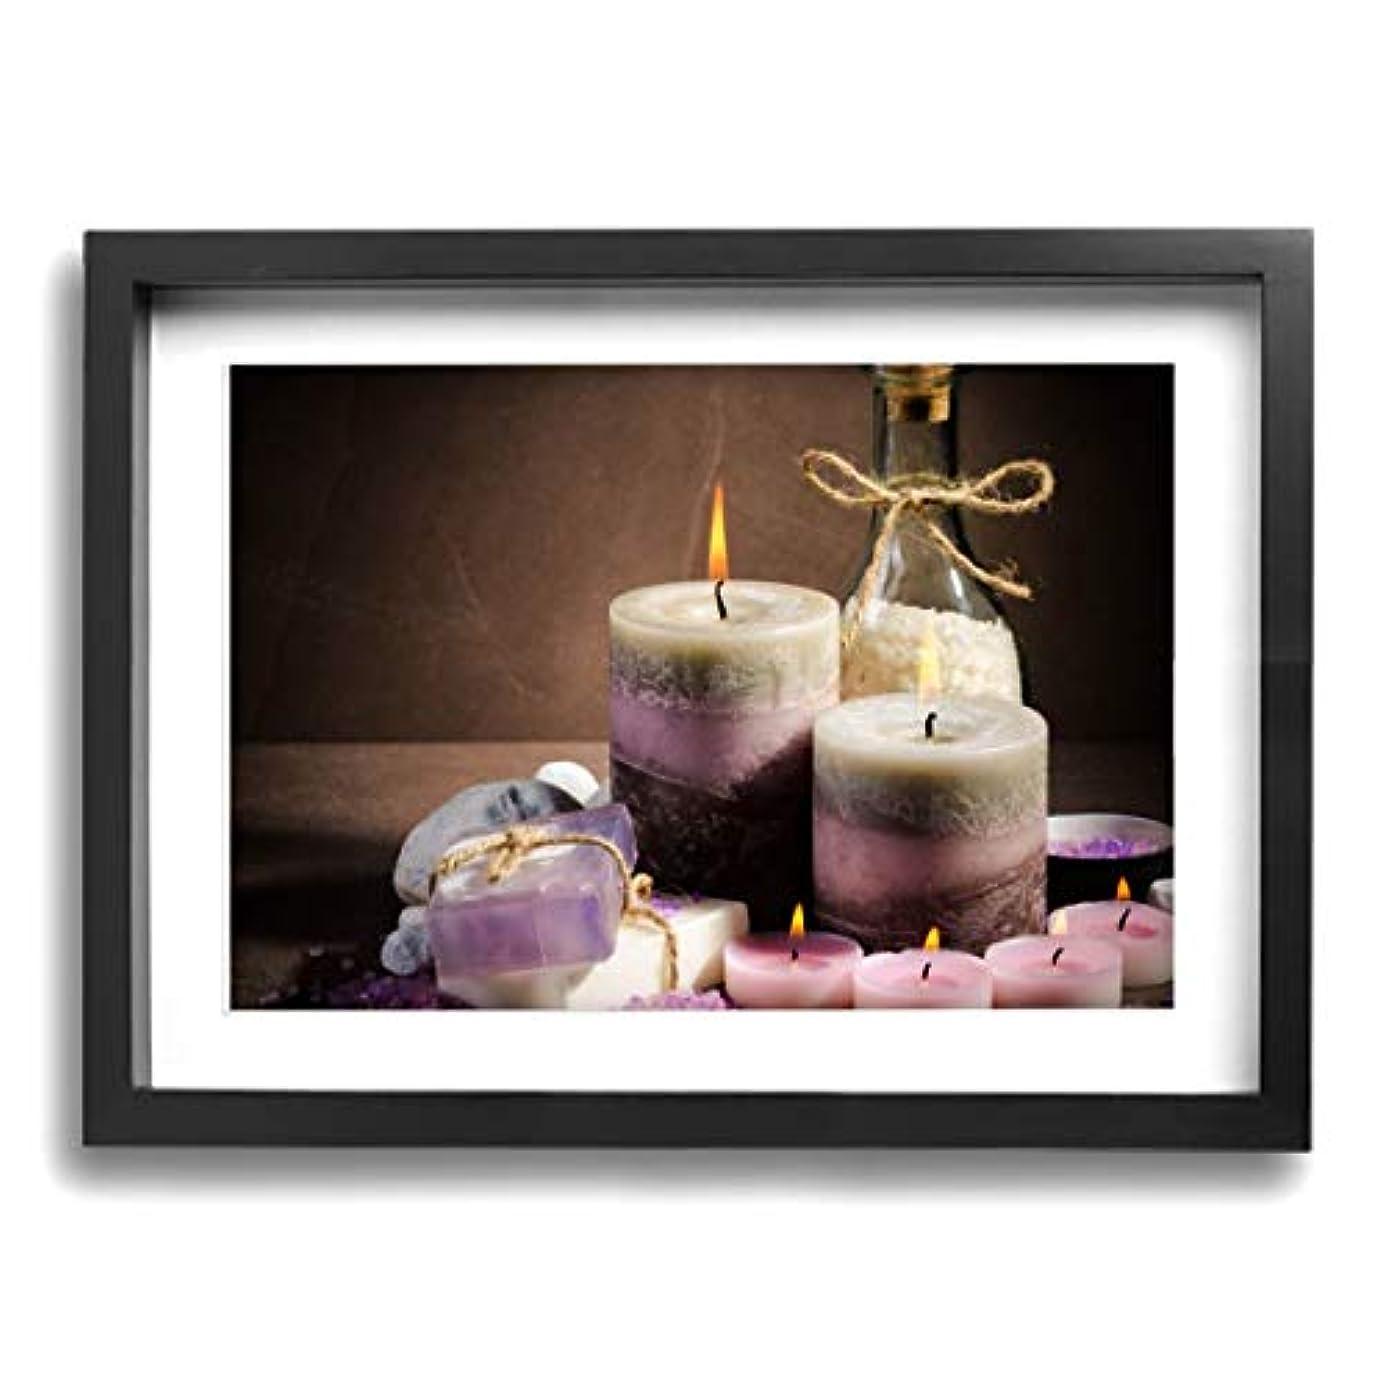 秘書細心のまだら魅力的な芸術 30x40cm Spa Purple Color Candle Oil キャンバスの壁アート 画像プリント絵画リビングルームの壁の装飾と家の装飾のための現代アートワークハングする準備ができて